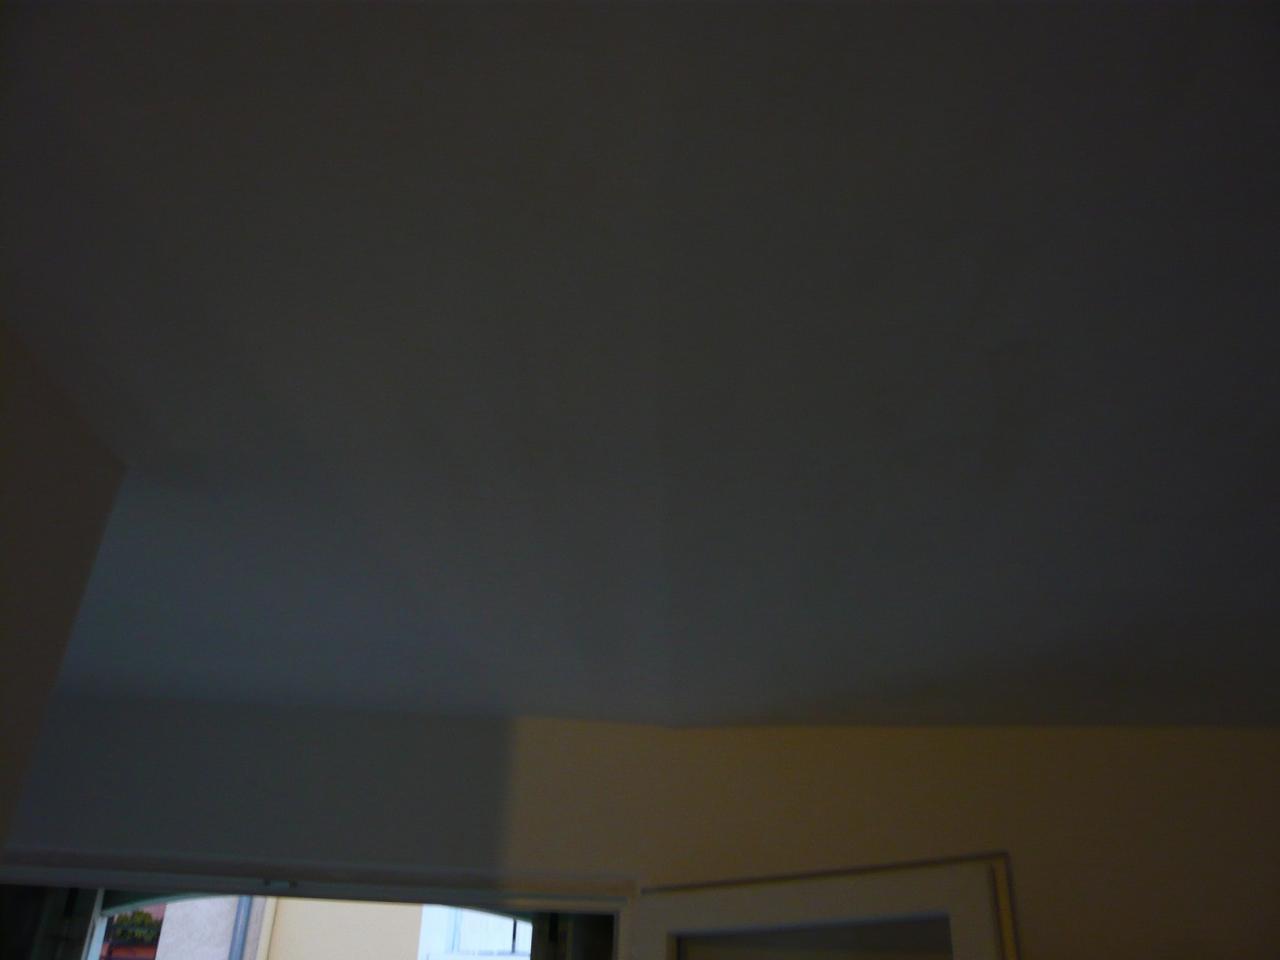 Faux Plafond Salle De Bain Pvc